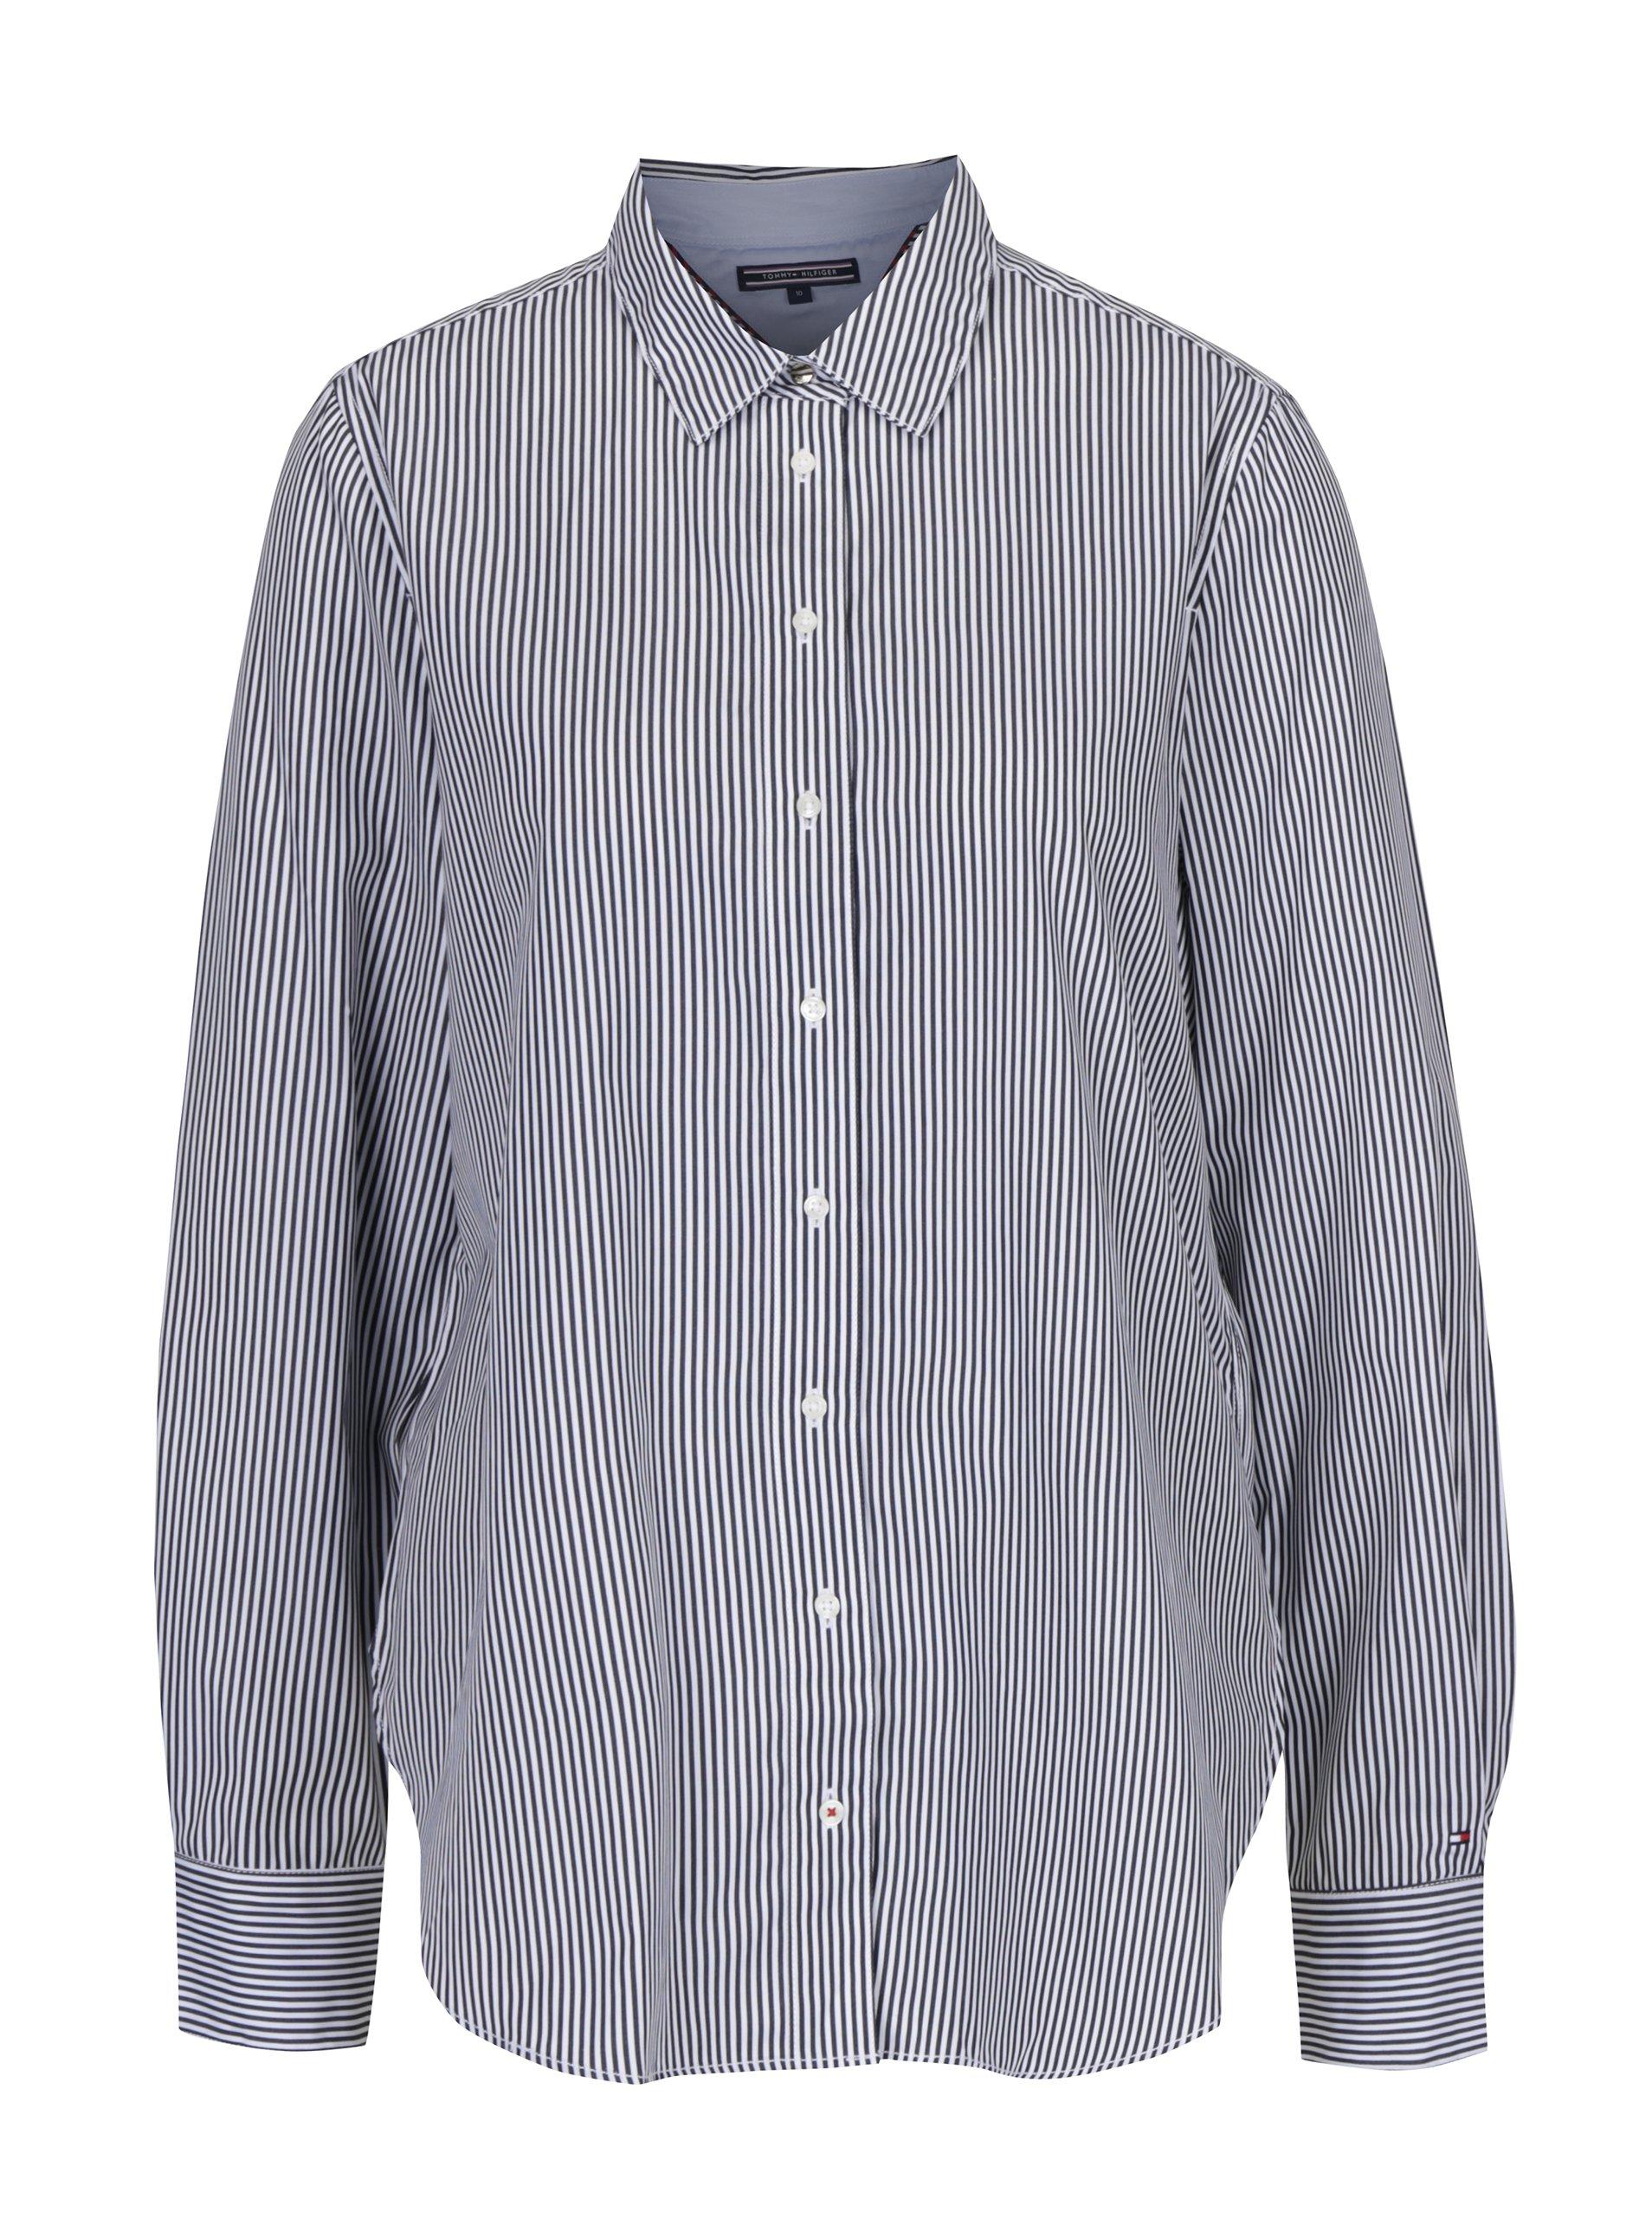 c97c8fda0406 Bielo-čierna dámska pruhovaná košeľa Tommy Hilfiger